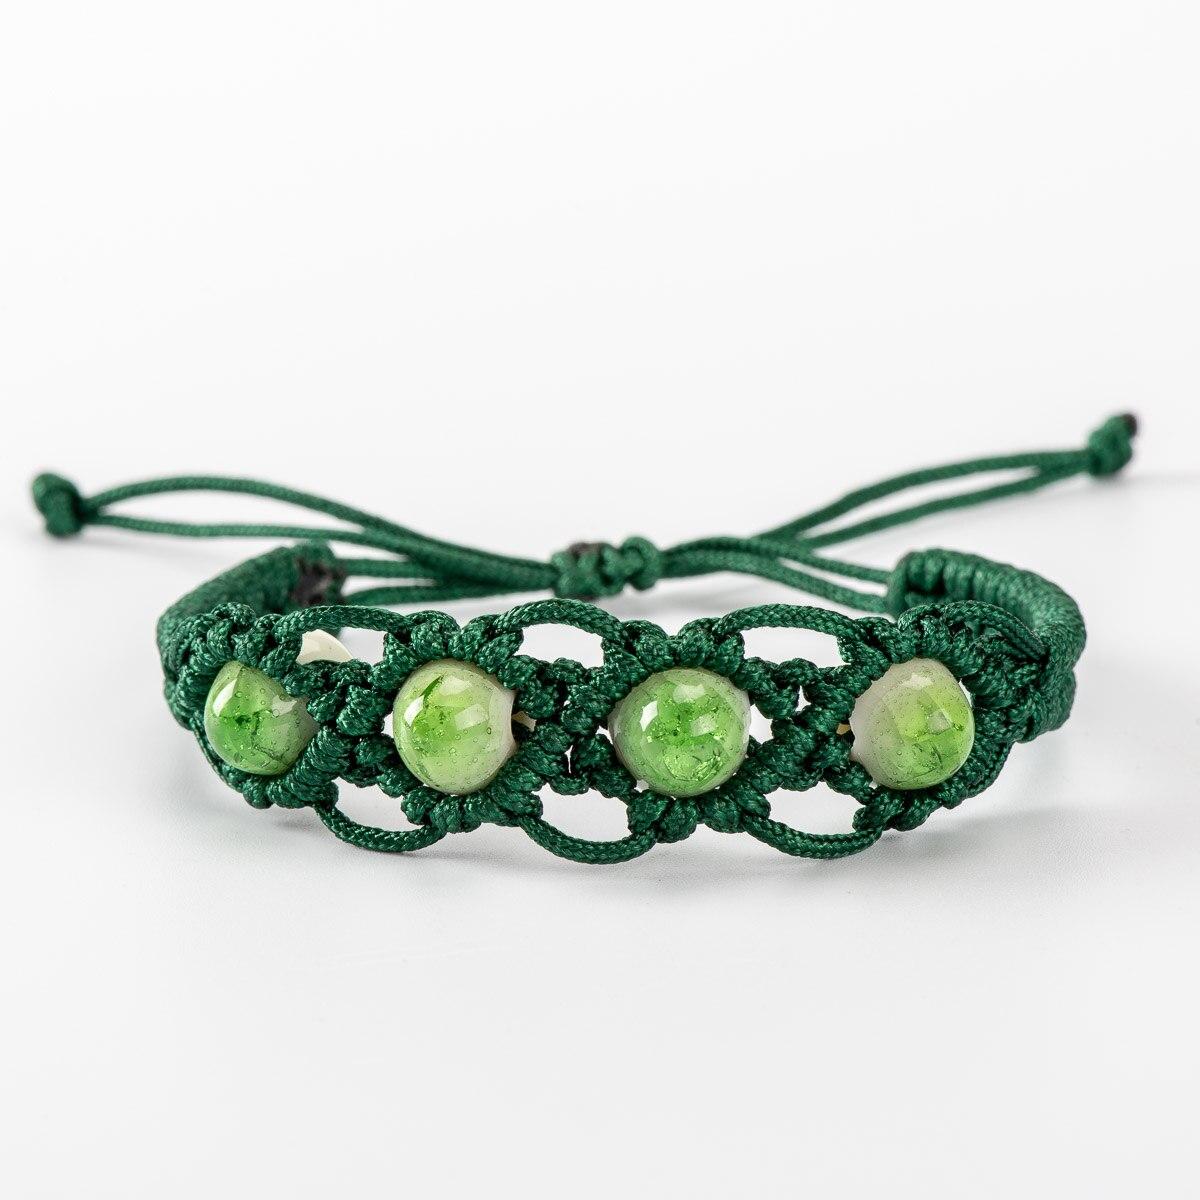 Schmuck & Zubehör Hand-mad Keramik Perlen Armband Mode Zubehör Charms Boho Diy Keramik Armbänder Großhandel Drop Verschiffen # Hy525